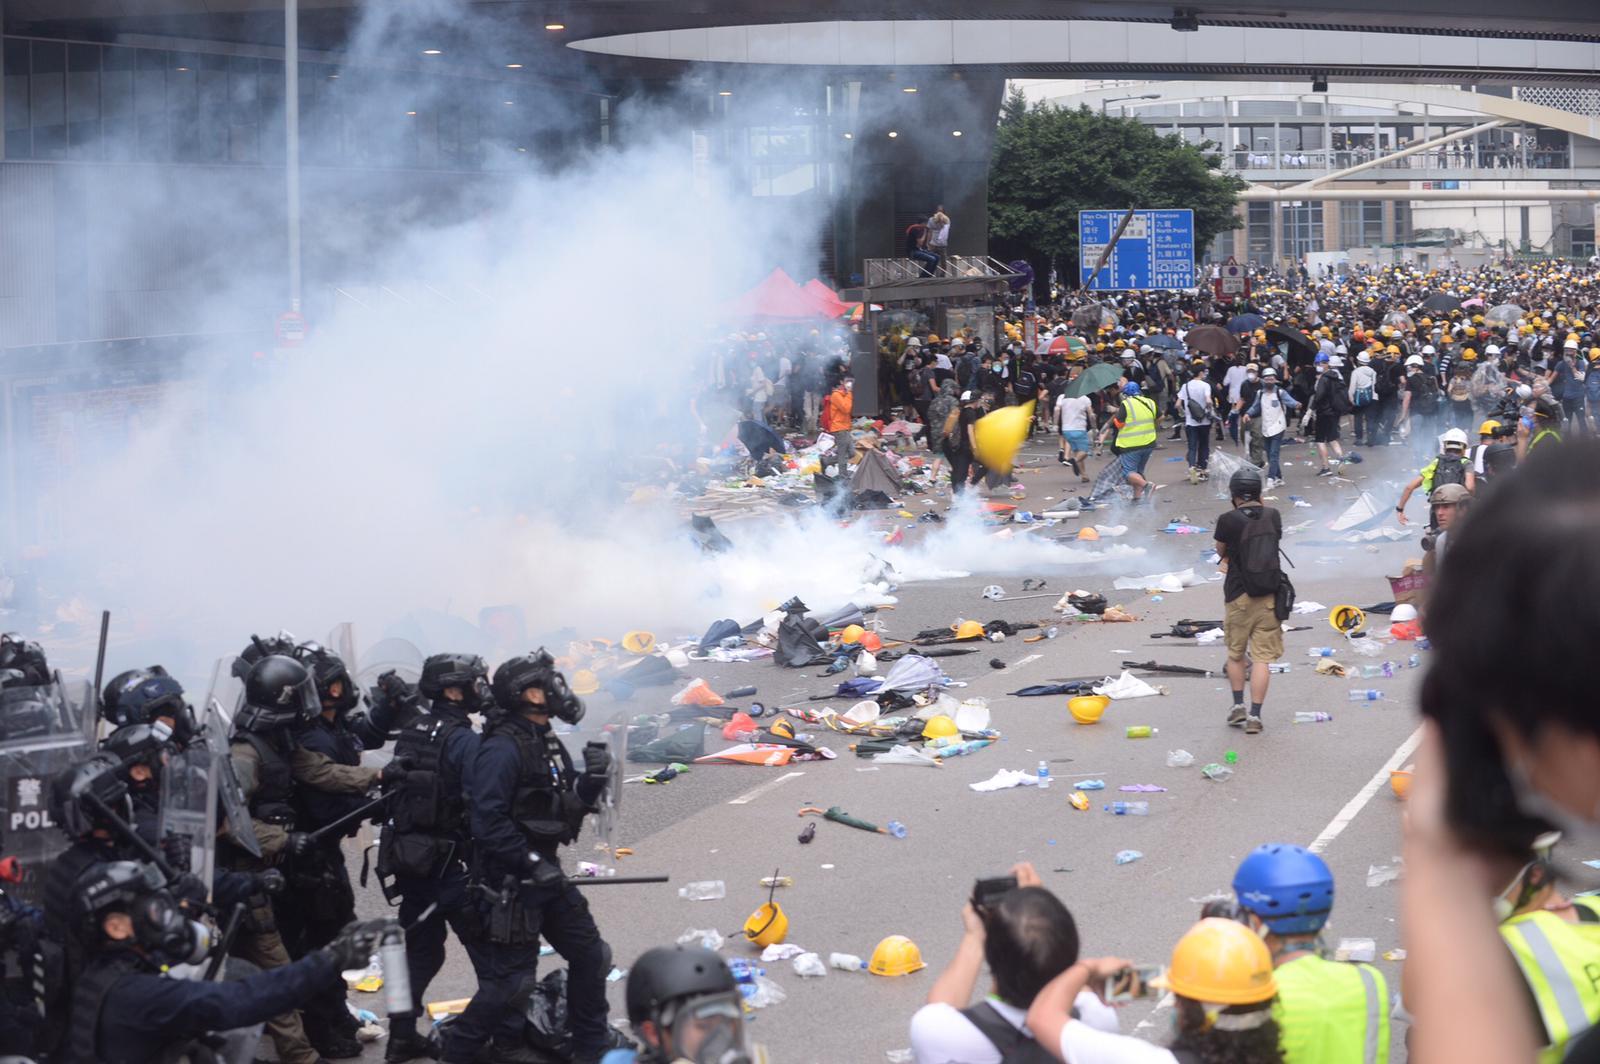 文章认为要用和平理性守护香港繁荣稳定。资料图片